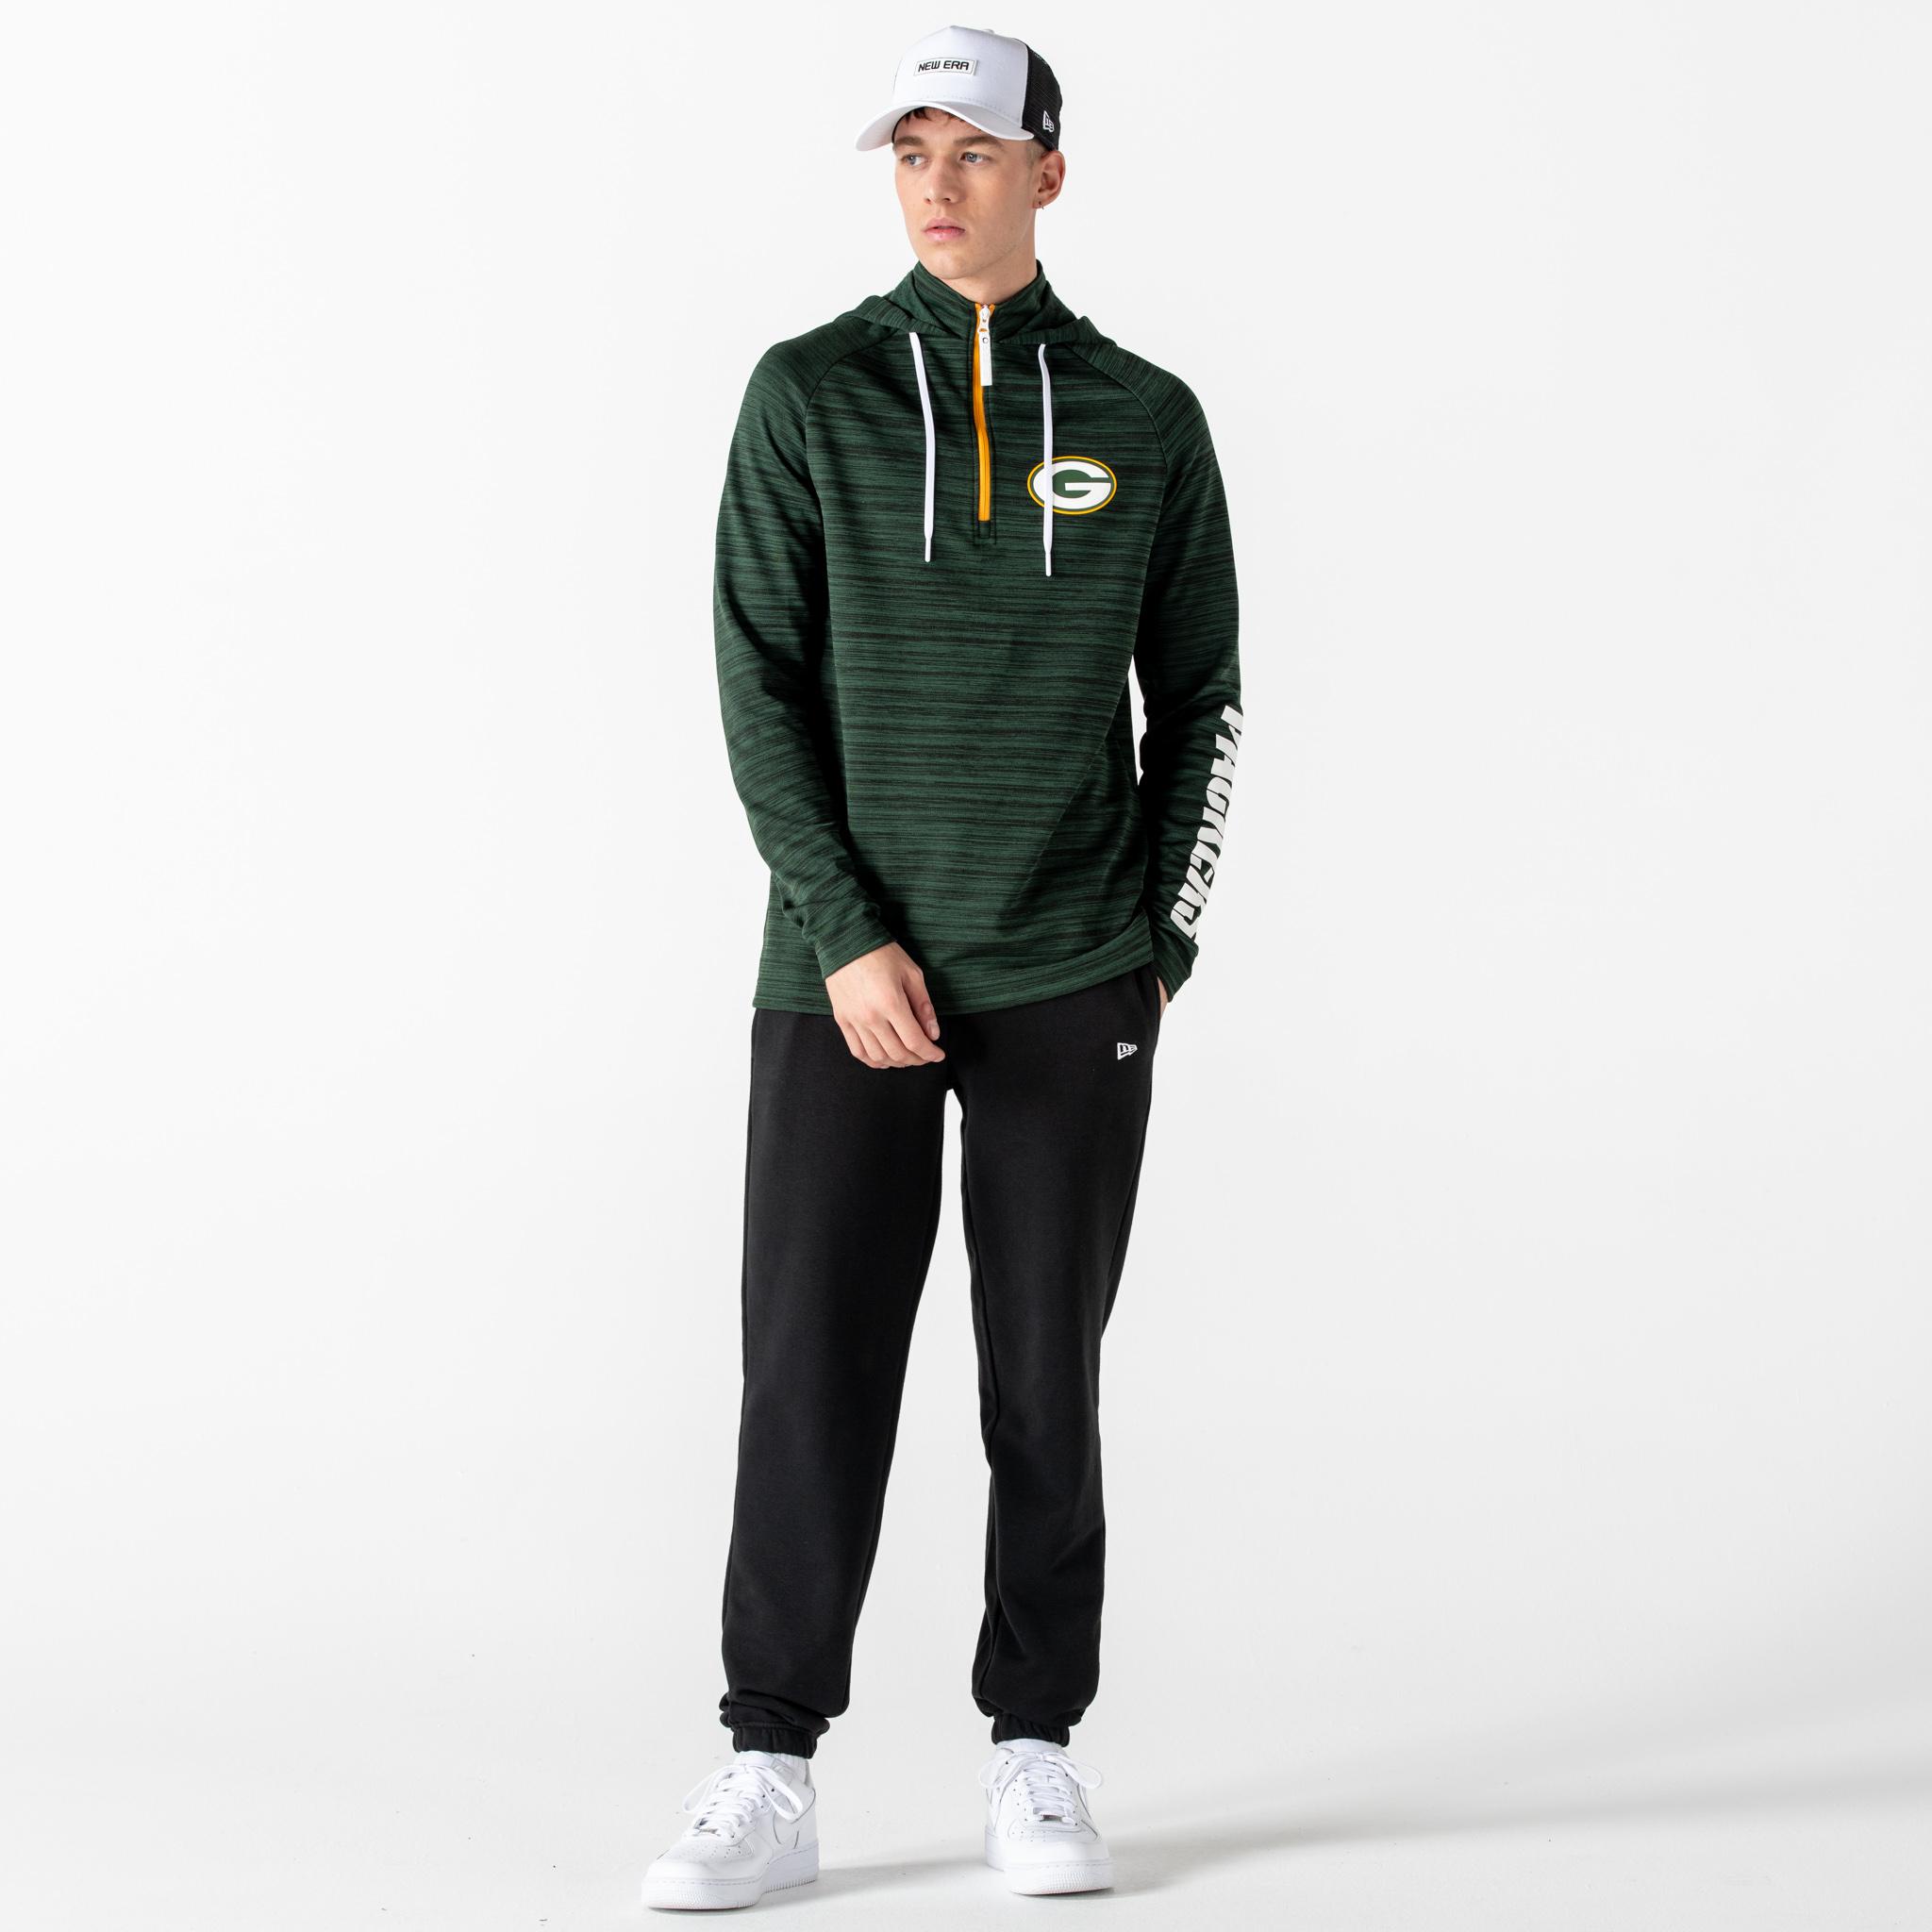 Felpa con cappuccio e mezza zip Engineered dei Green Bay Packers verde